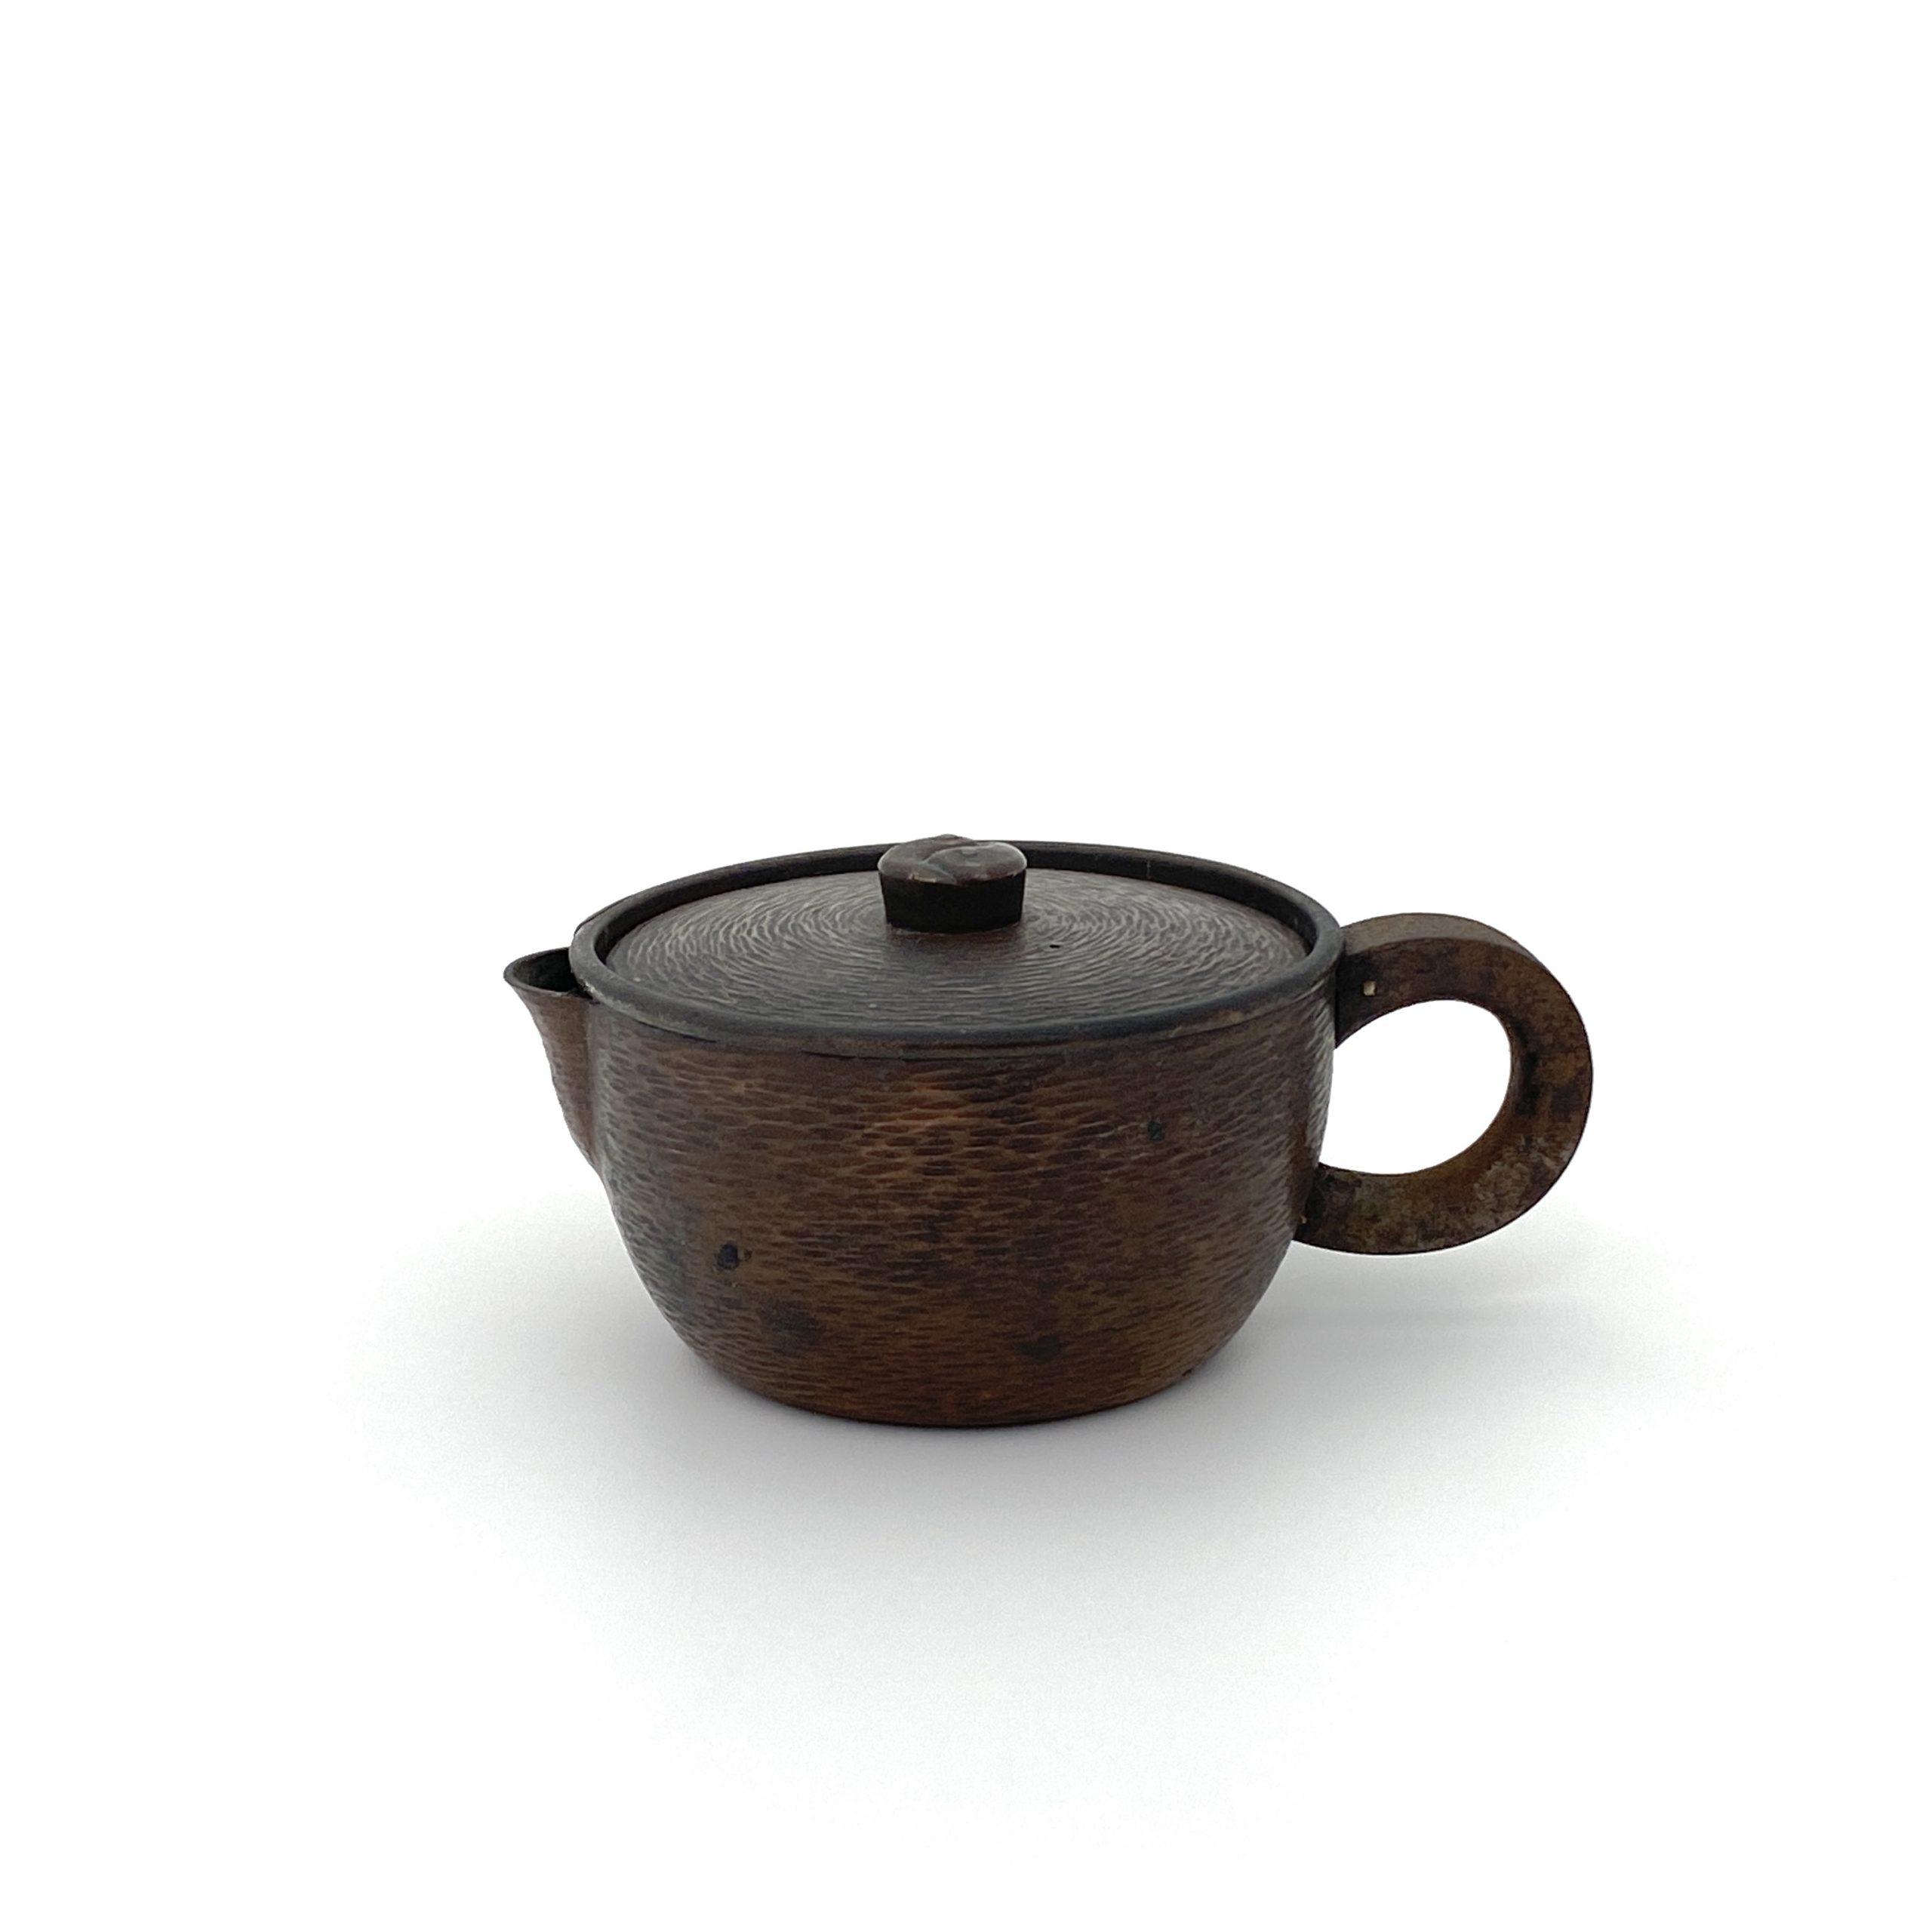 30125「五郎三郎」造 銅鎚目 鉄手茶壺